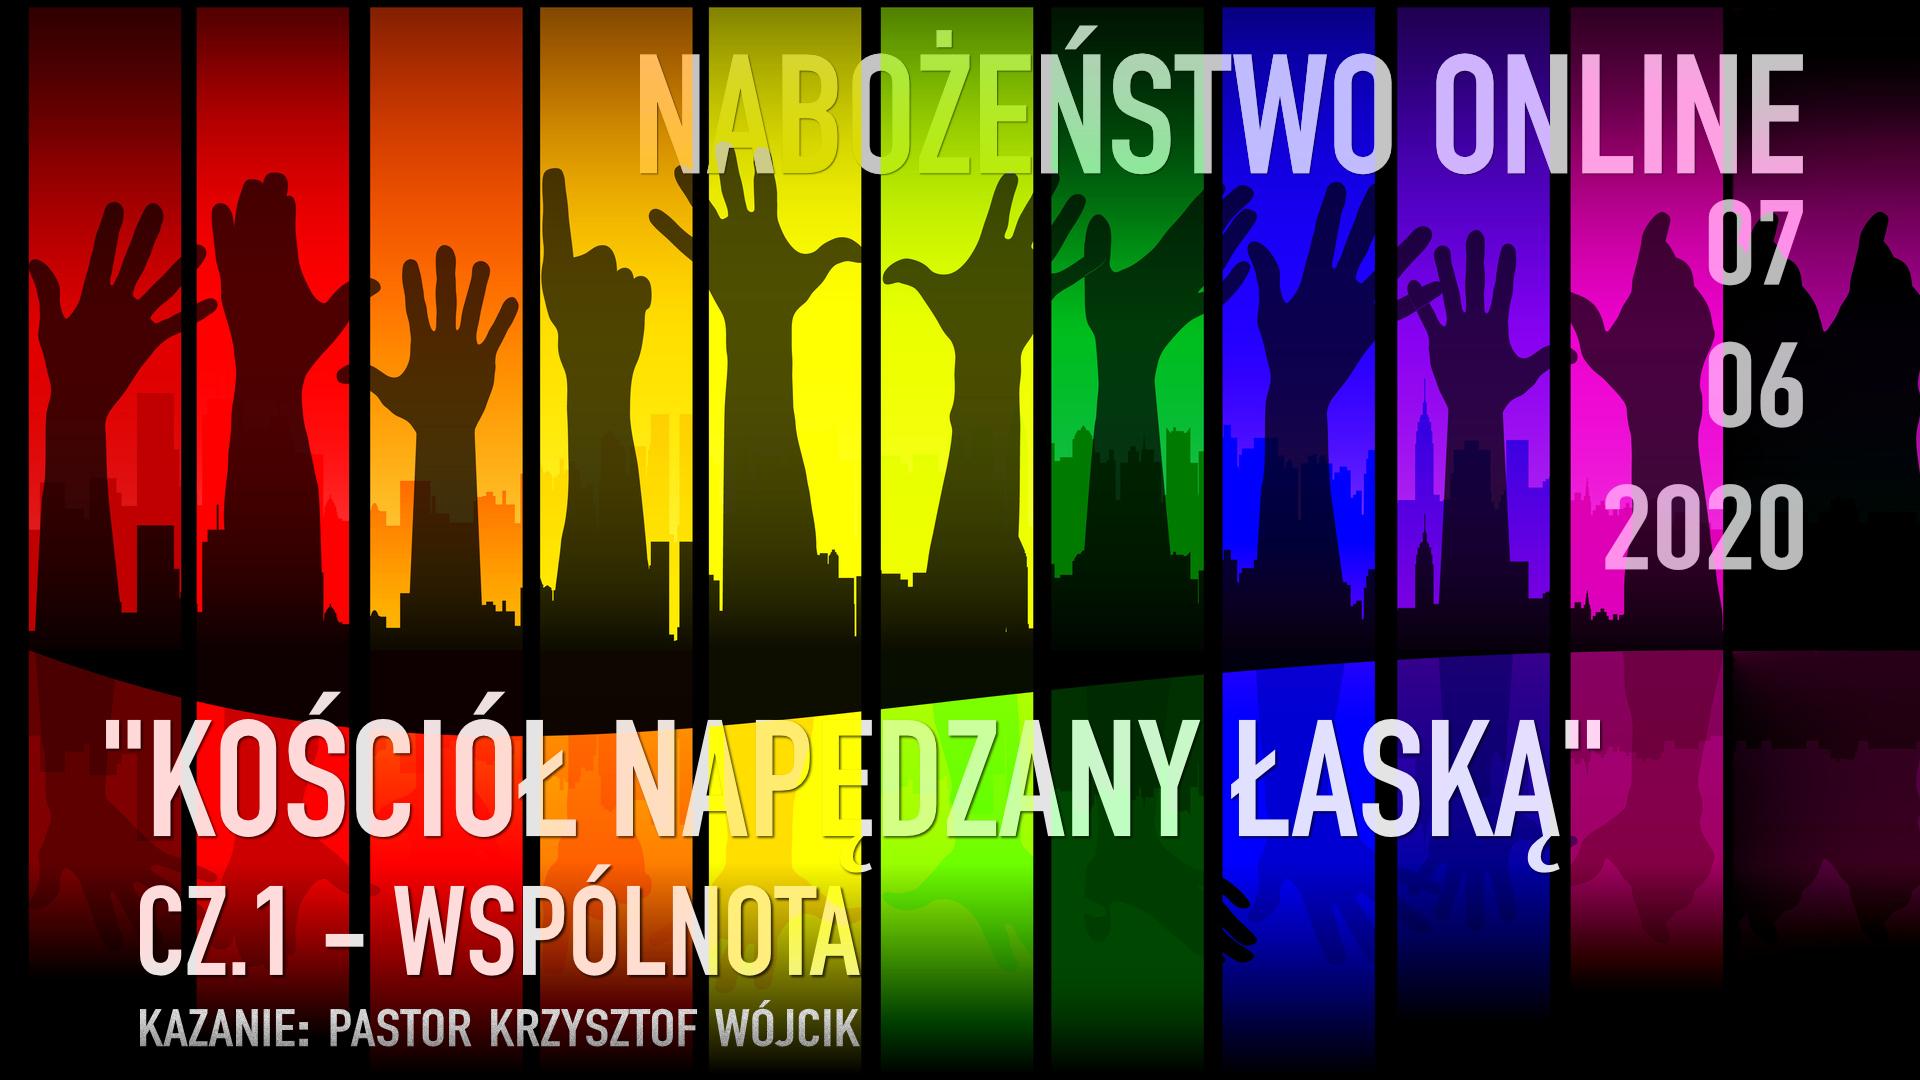 """Kościół napędzany łaską"""" - cz.1 Wspólnota"""